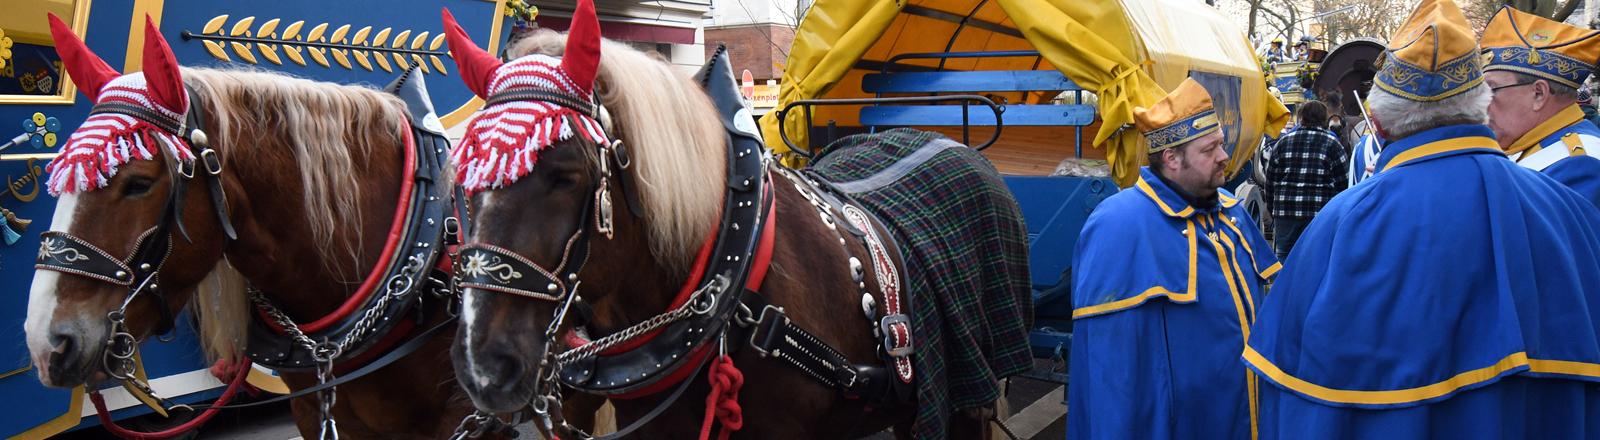 Nordrhein-Westfalen, Köln-Ehrenfeld: Zwei Pferde warten auf ihren Einsatz im Ehrenfelder Dienstagszug. Nach einem Unfall beim Rosenmontagszug ist die Teilnahme von Pferden bei Karnevalsumzügen umstritten.